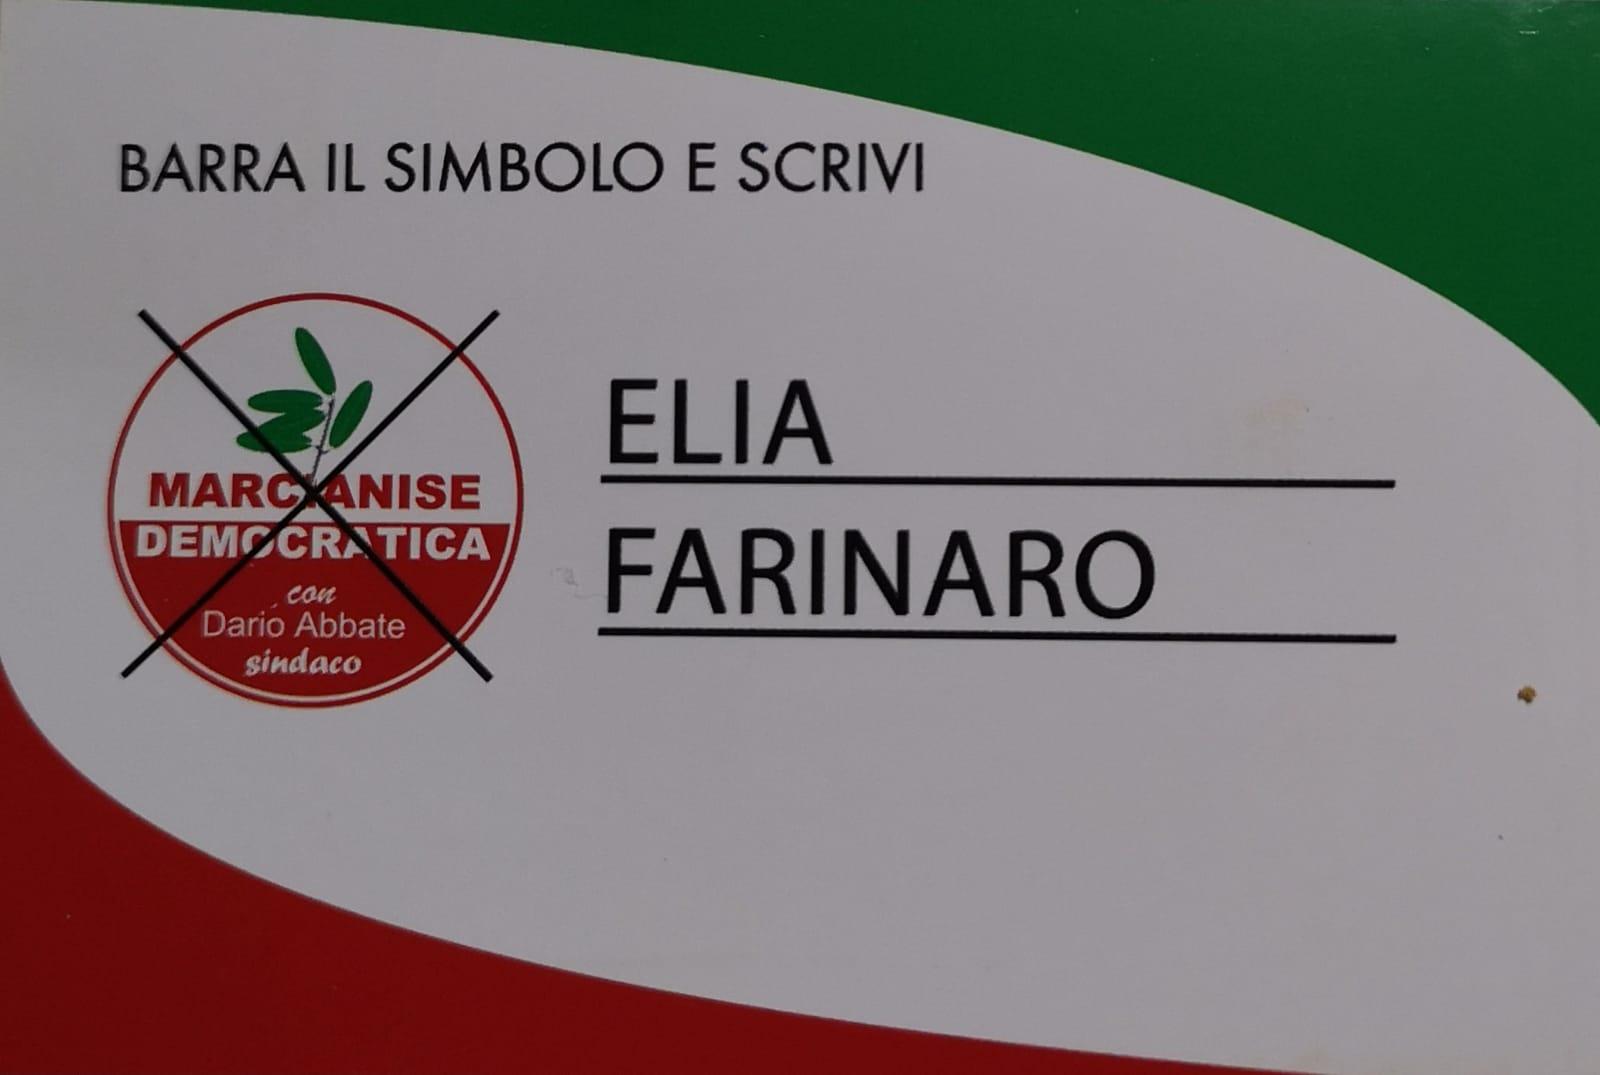 Marcianise, Giuliana Farinaro candidata alle comunali